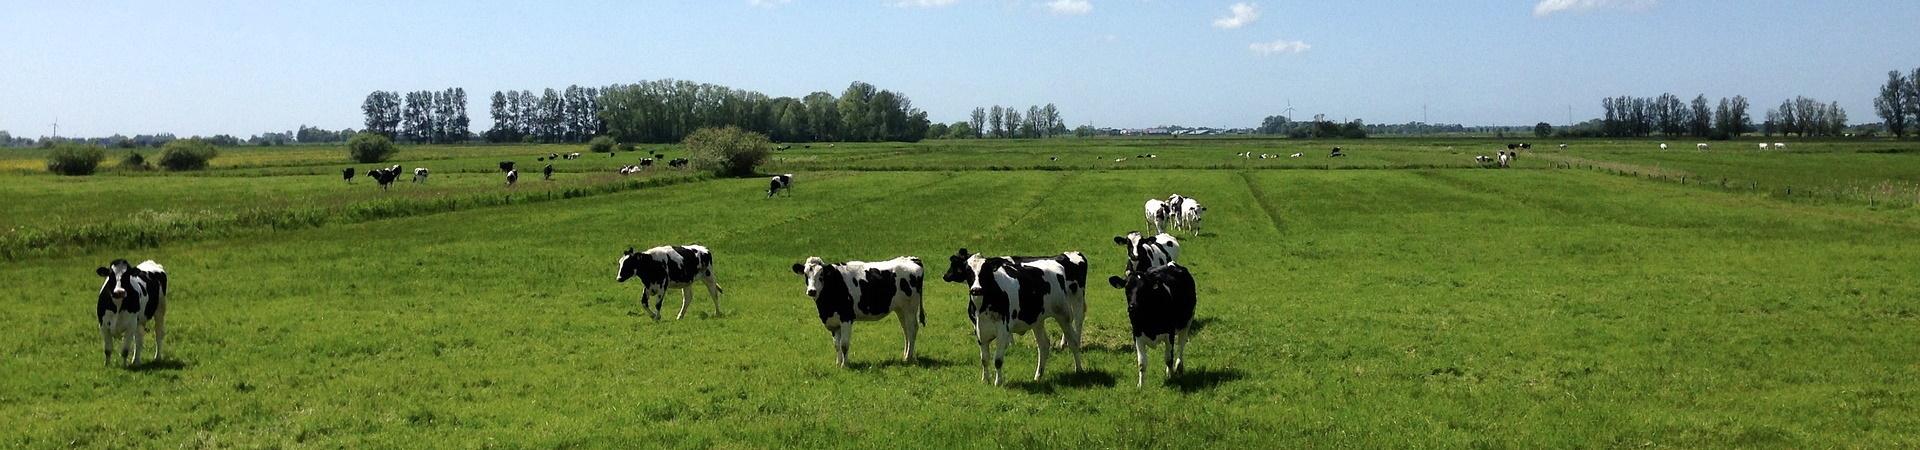 Nachhaltige Landwirtschaft im Bereich Rinderhaltung